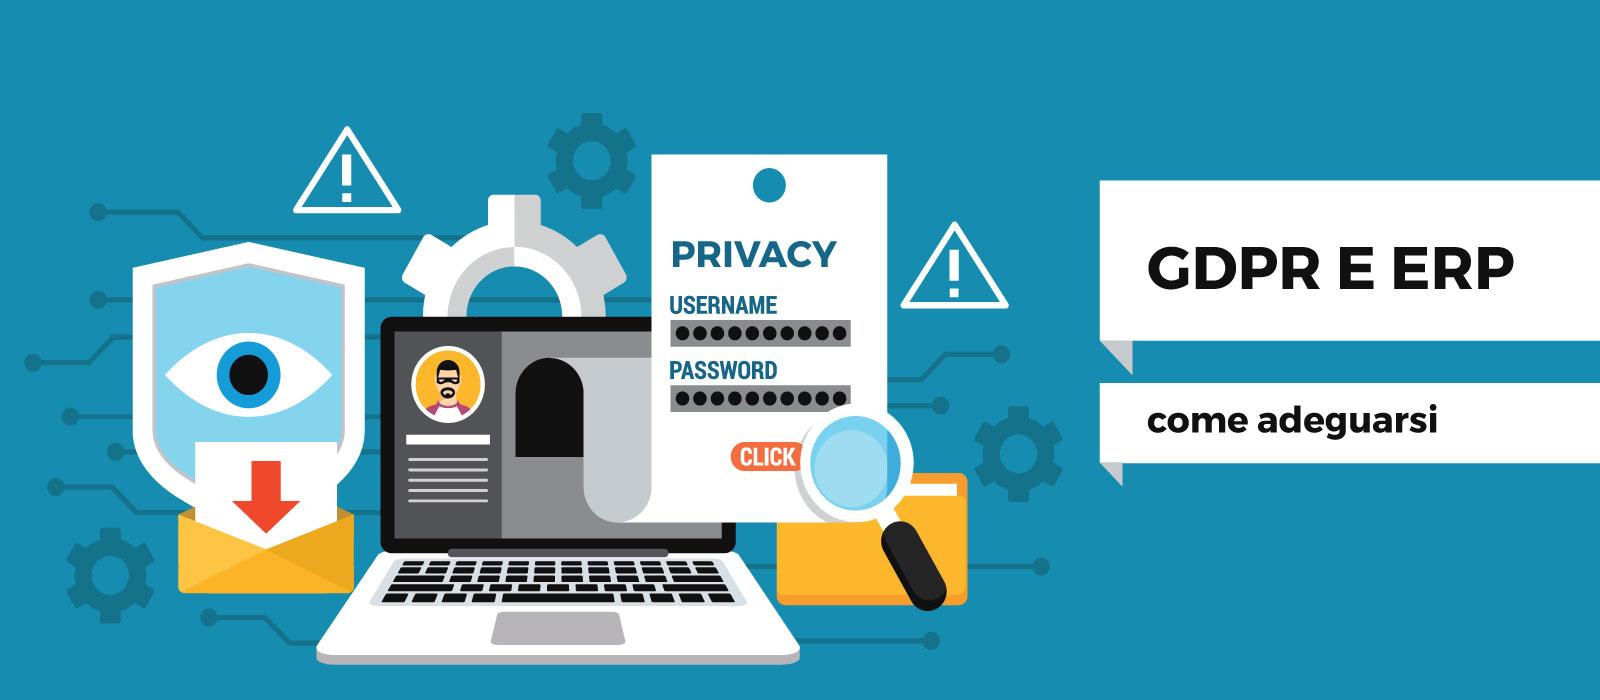 GDPR e software gestionali: come adeguare ERP e CRM alla nuova normativa privacy